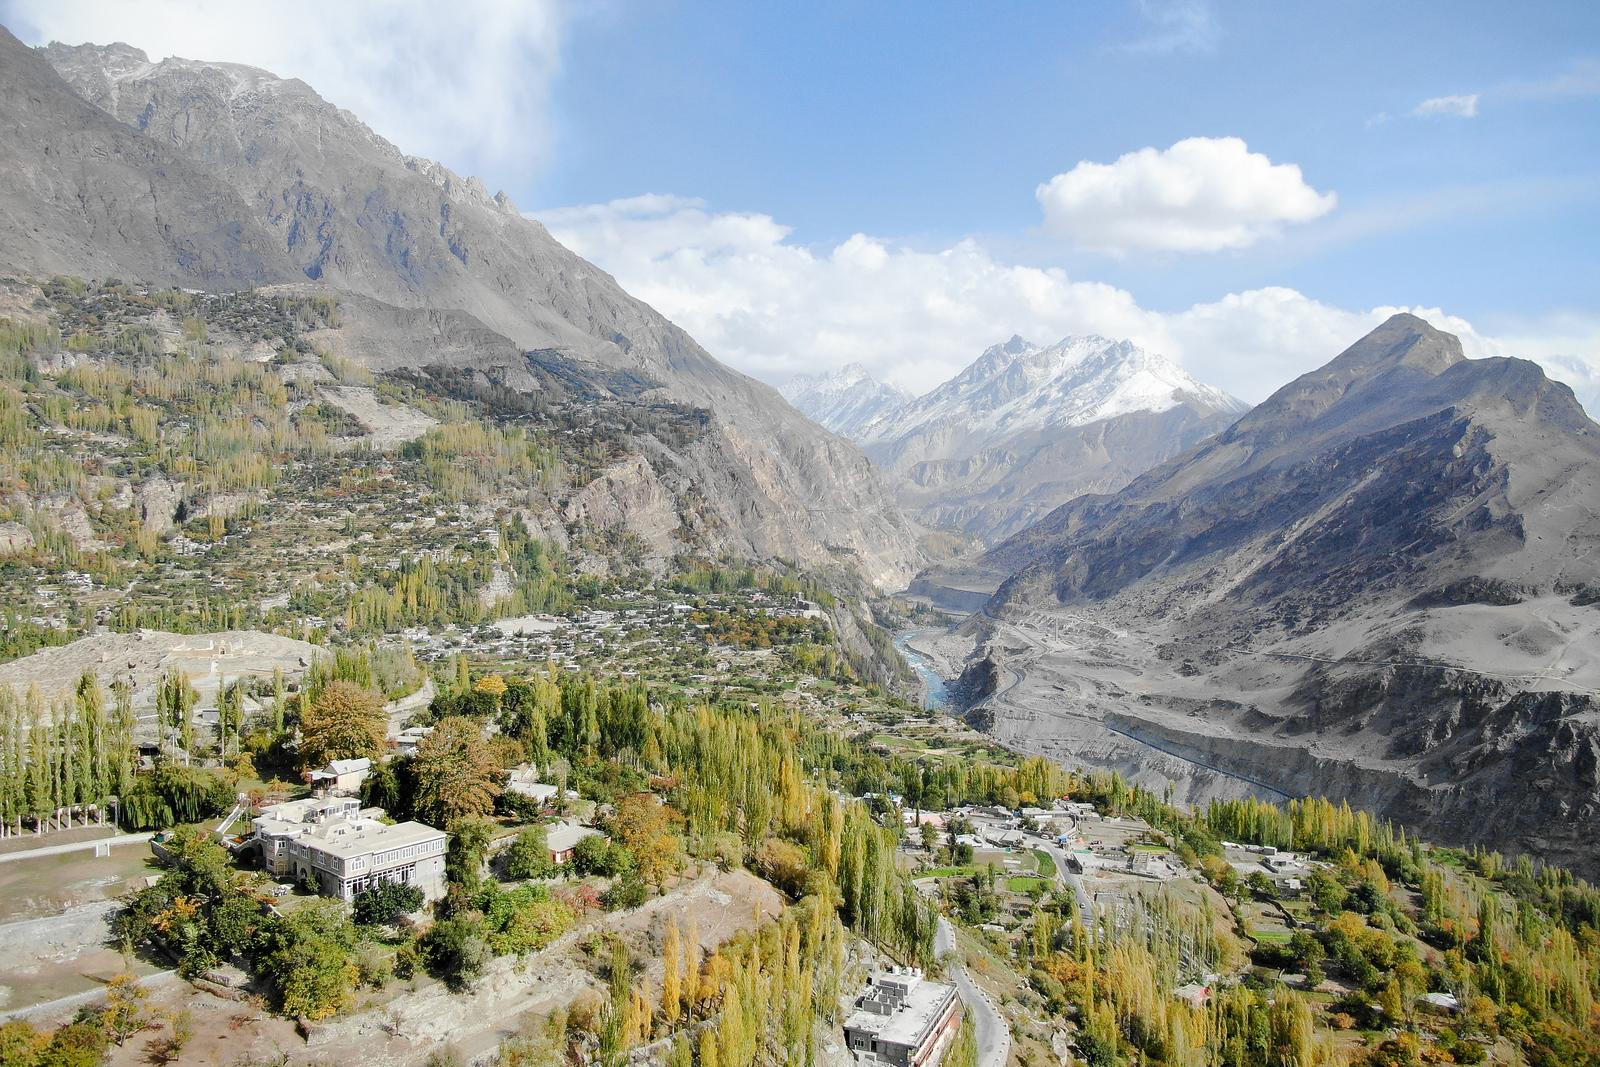 罕萨流域巴基斯坦